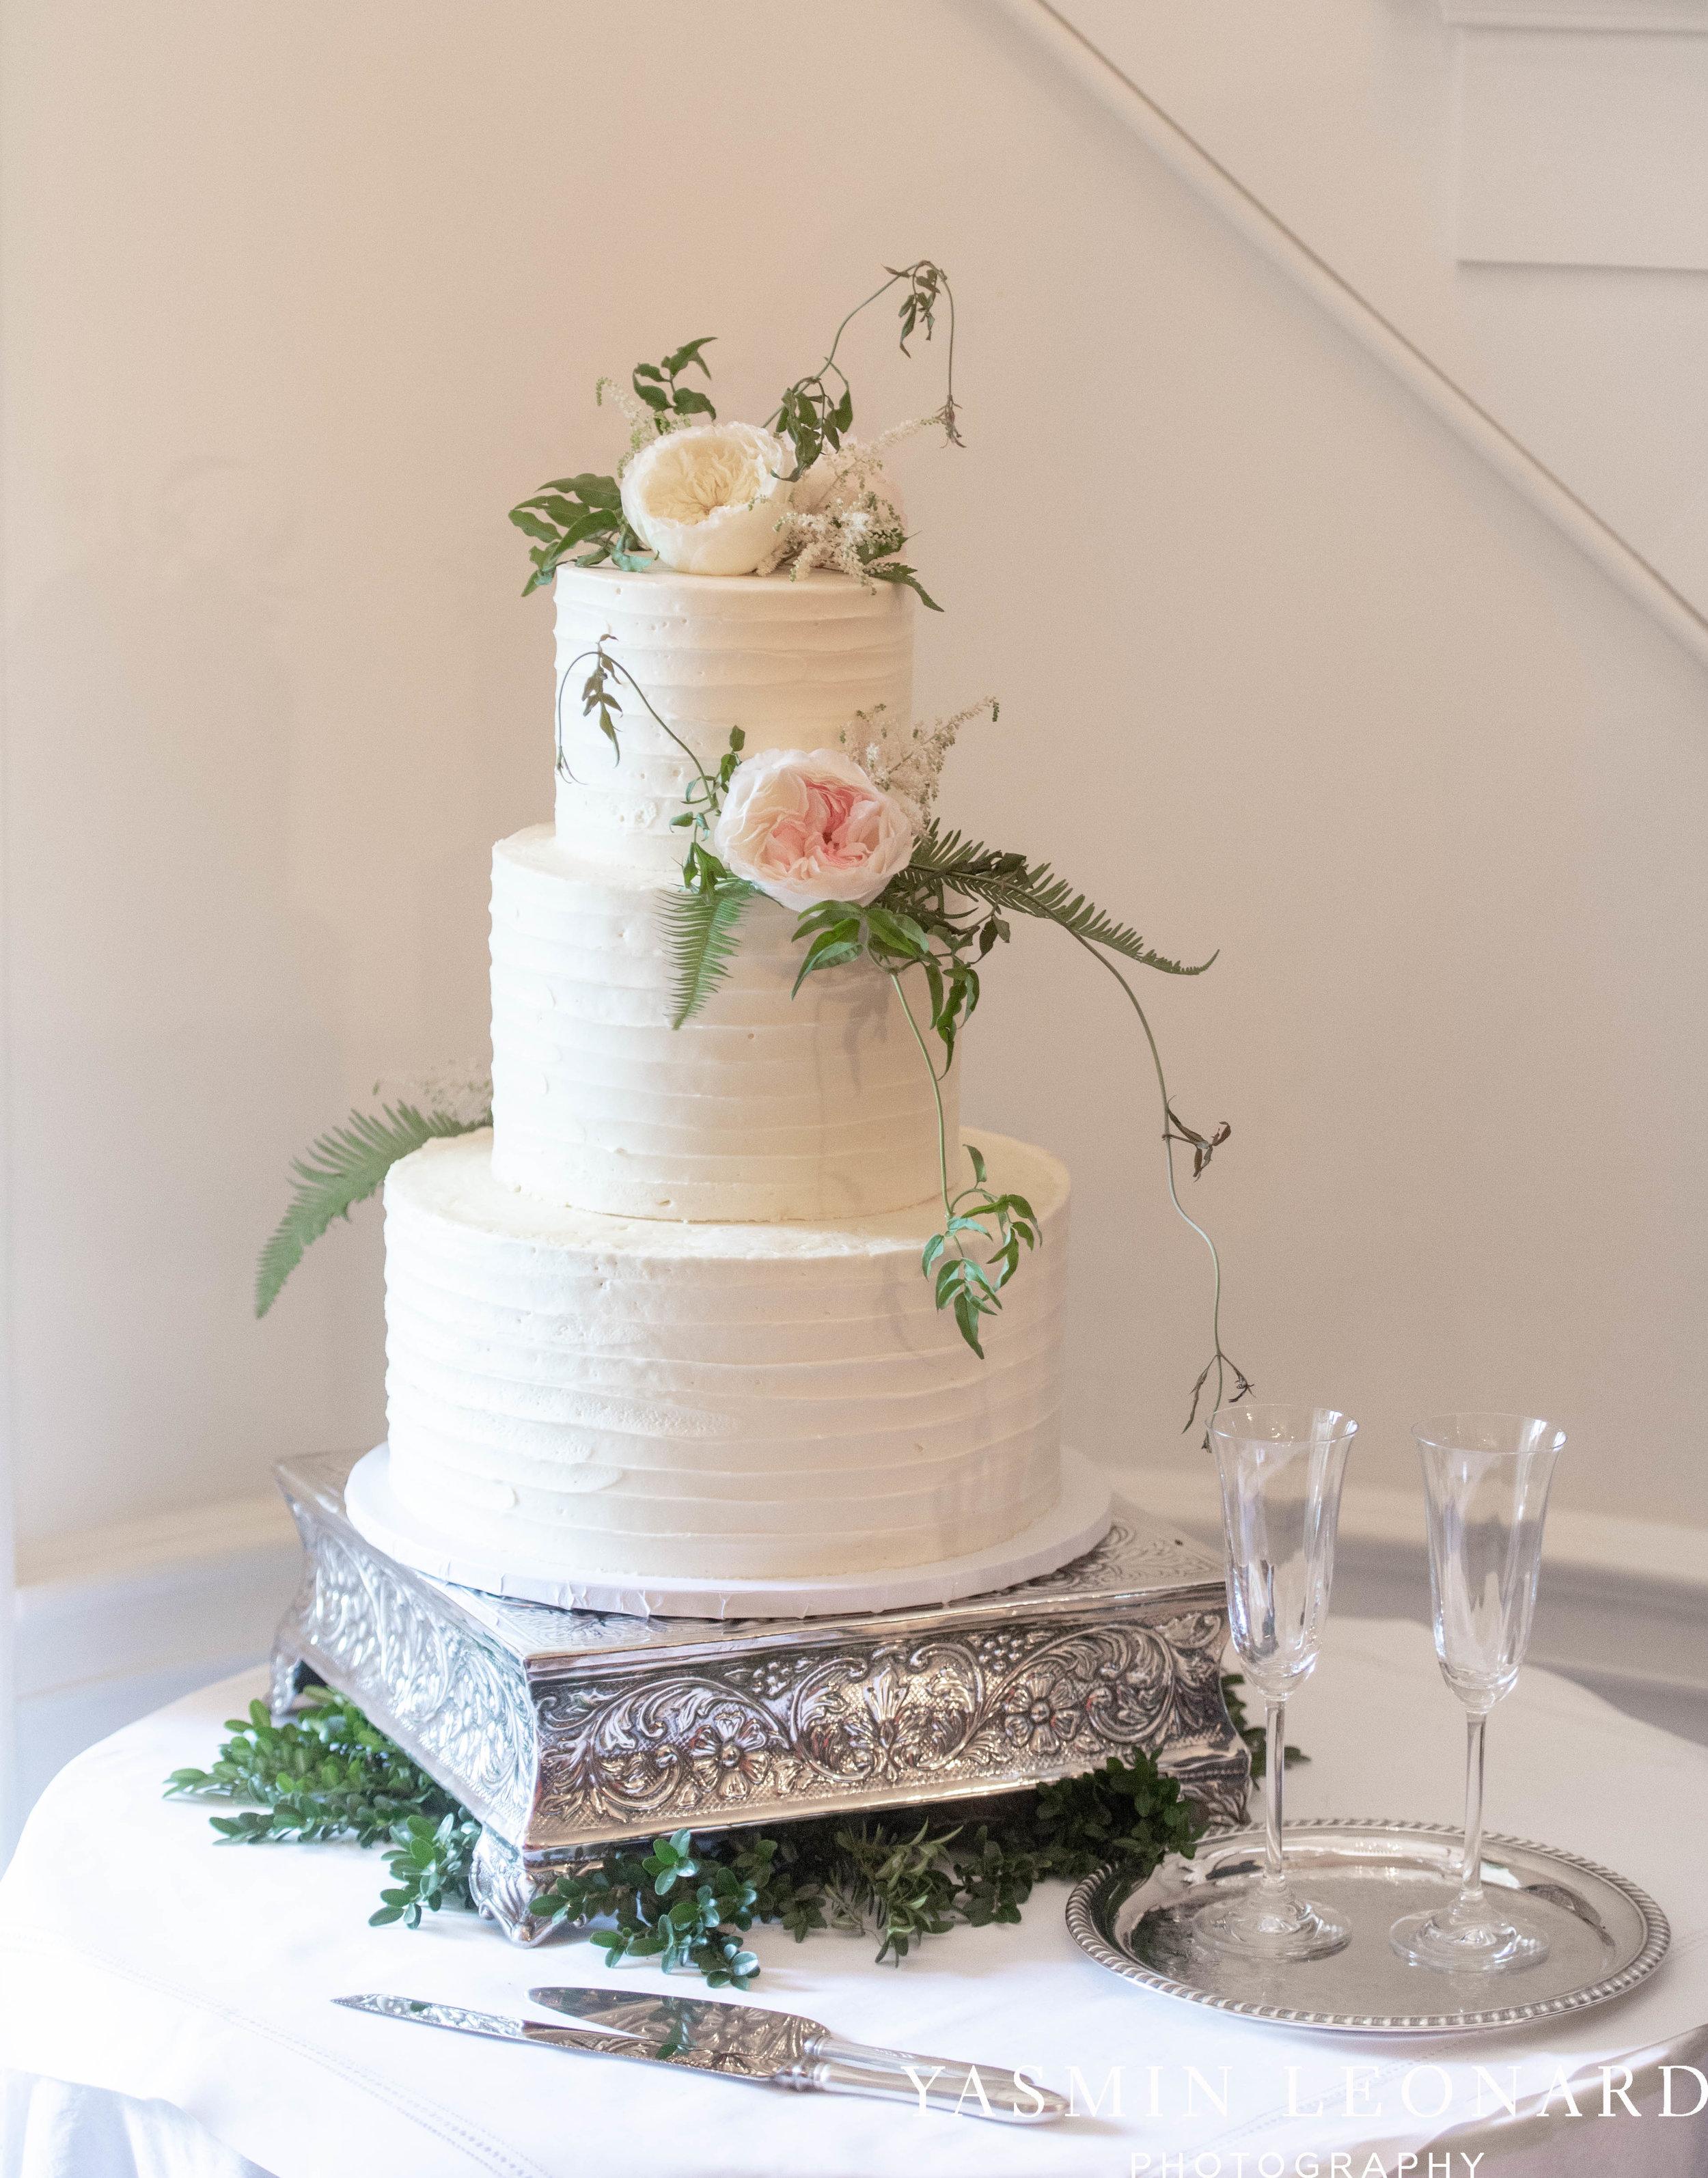 Wesley Memorial United Methodist Church - EmeryWood - High Point Weddings - High Point Wedding Photographer - NC Wedding Photographer - Yasmin Leonard Photography-42.jpg